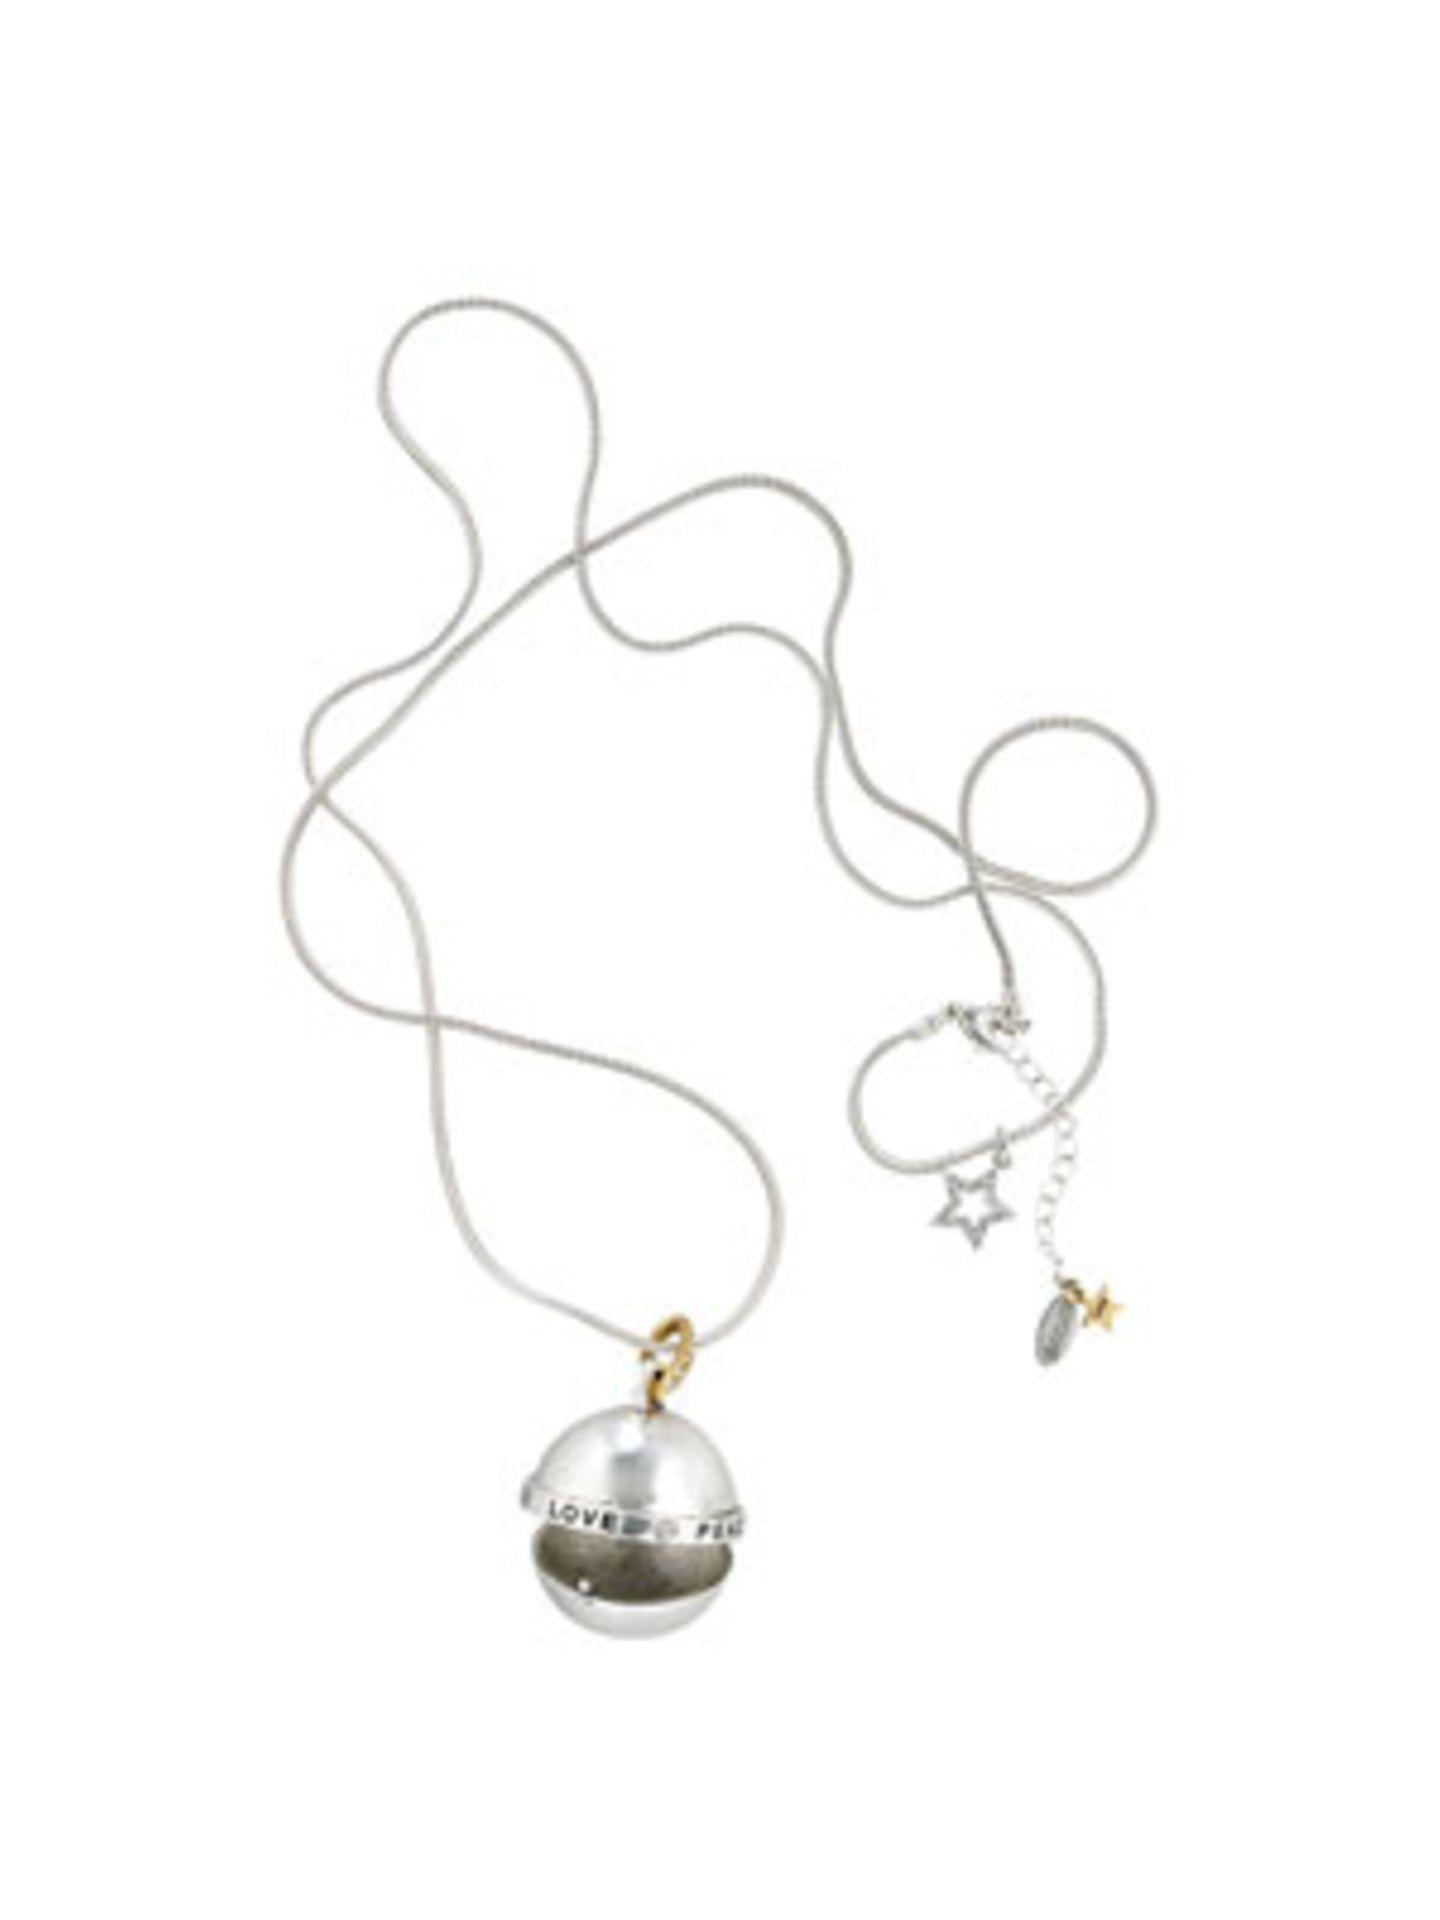 Silberkette mit Anhänger, der Platz für kleine Geheimnisse bietet... Von Hultquist, um 70 Euro. Über www.conleys.de.